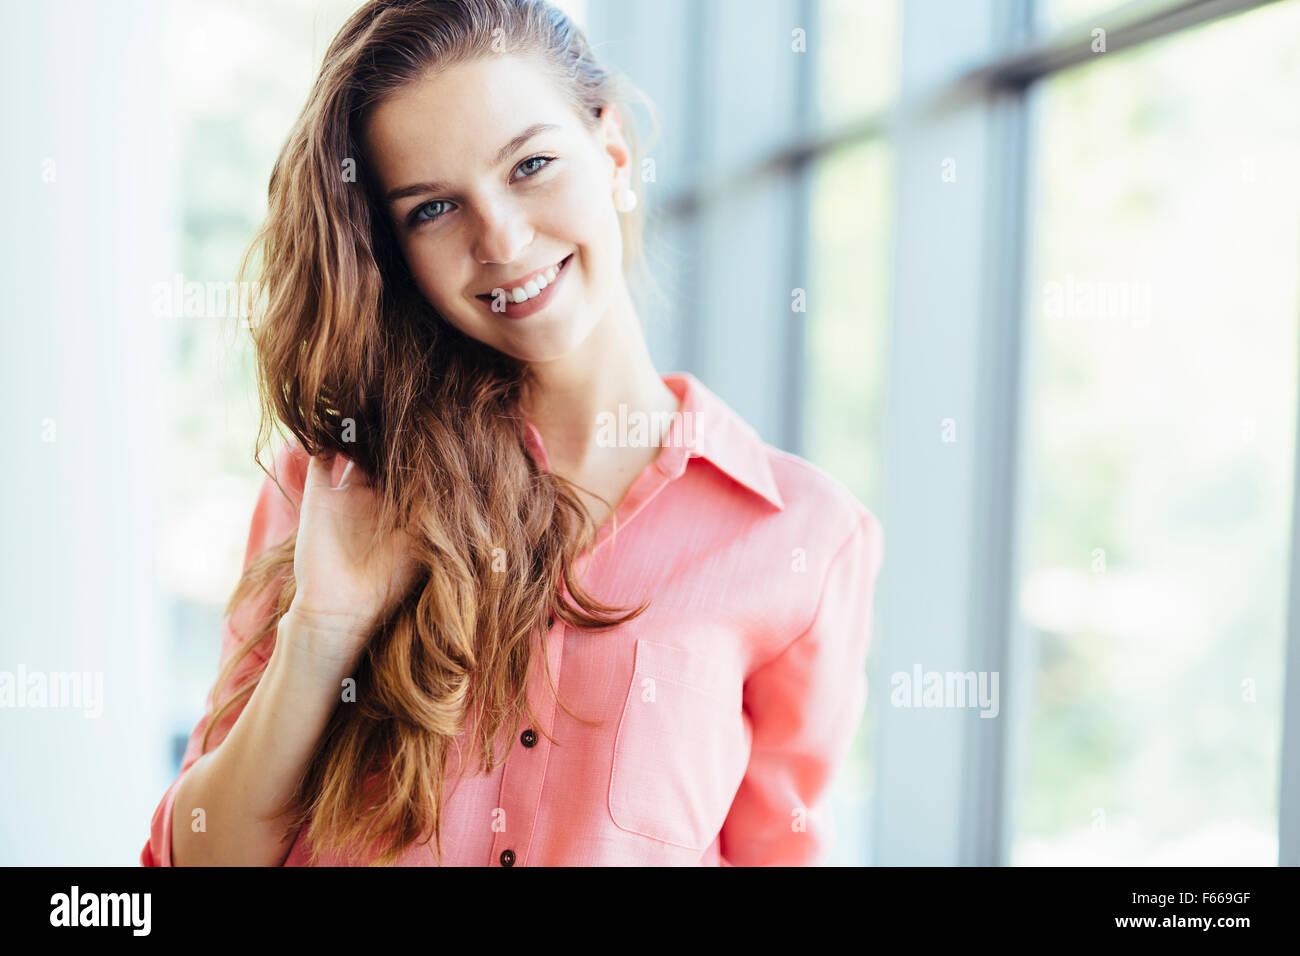 Bella imprenditrice tenendo i suoi capelli e sorridente. Sensazione di felicità vera Immagini Stock